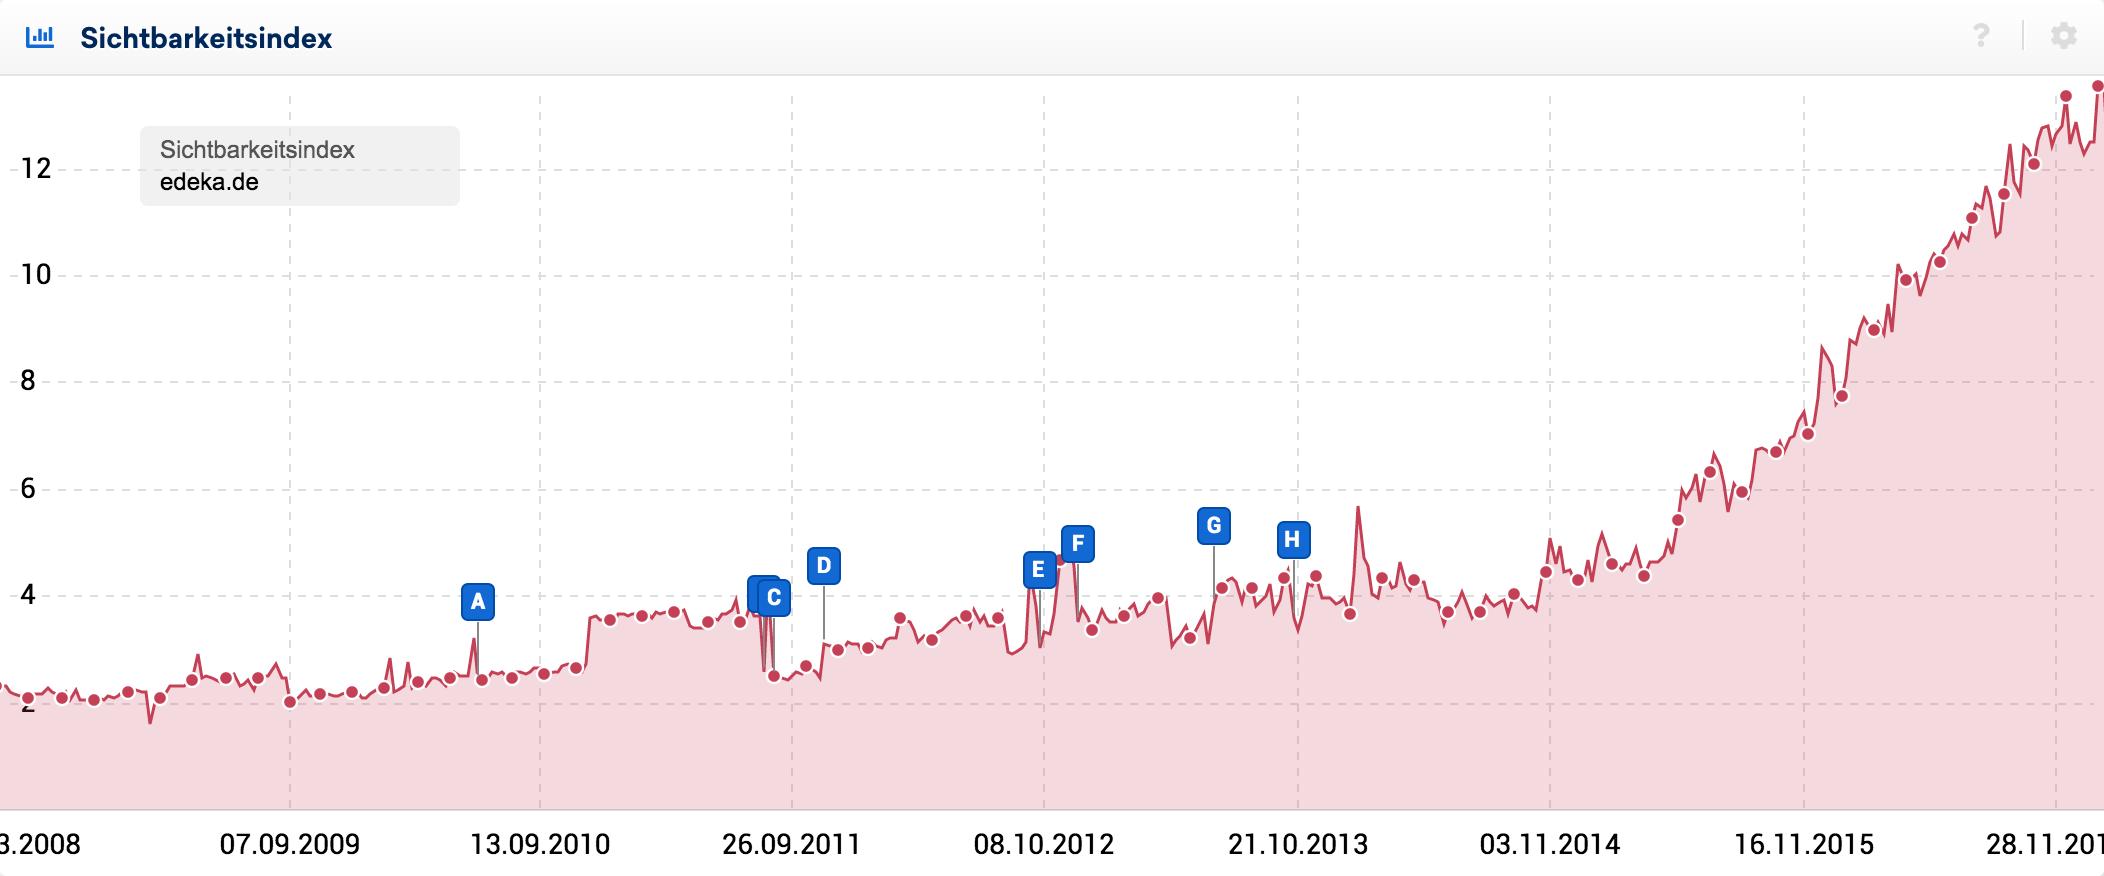 Nach jahrelangen Seitwärtstrends auf leicht höheren Niveaus steigt die Sichtbarkeit von edeka.de seit 2015 steil und konstant an.